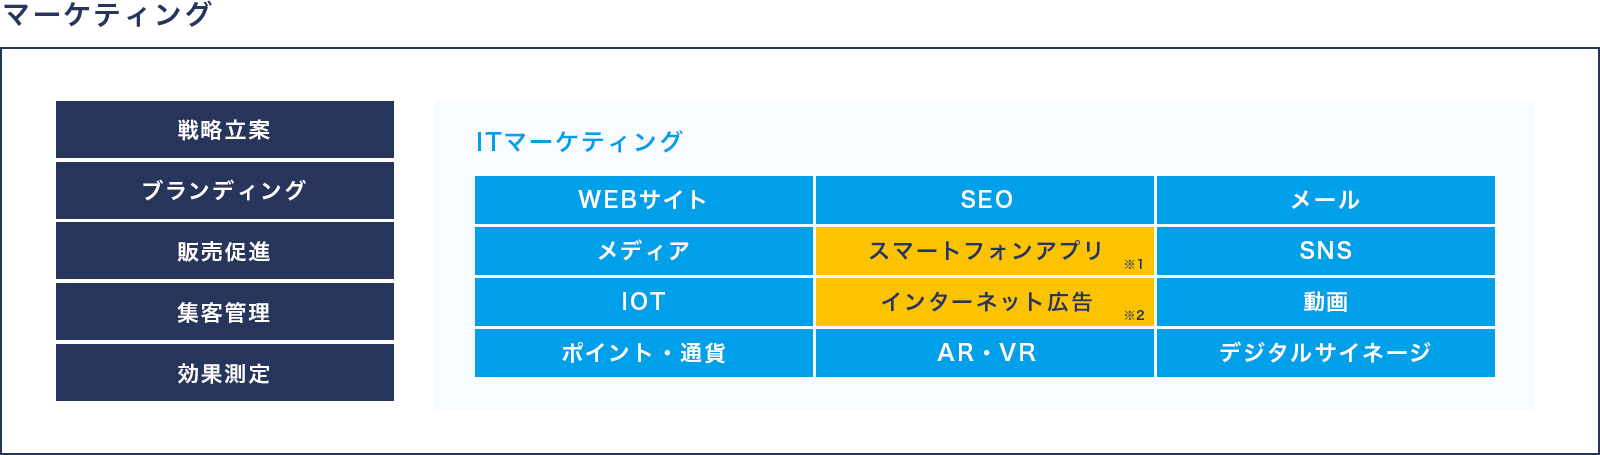 ITマーケティング企業イメージ